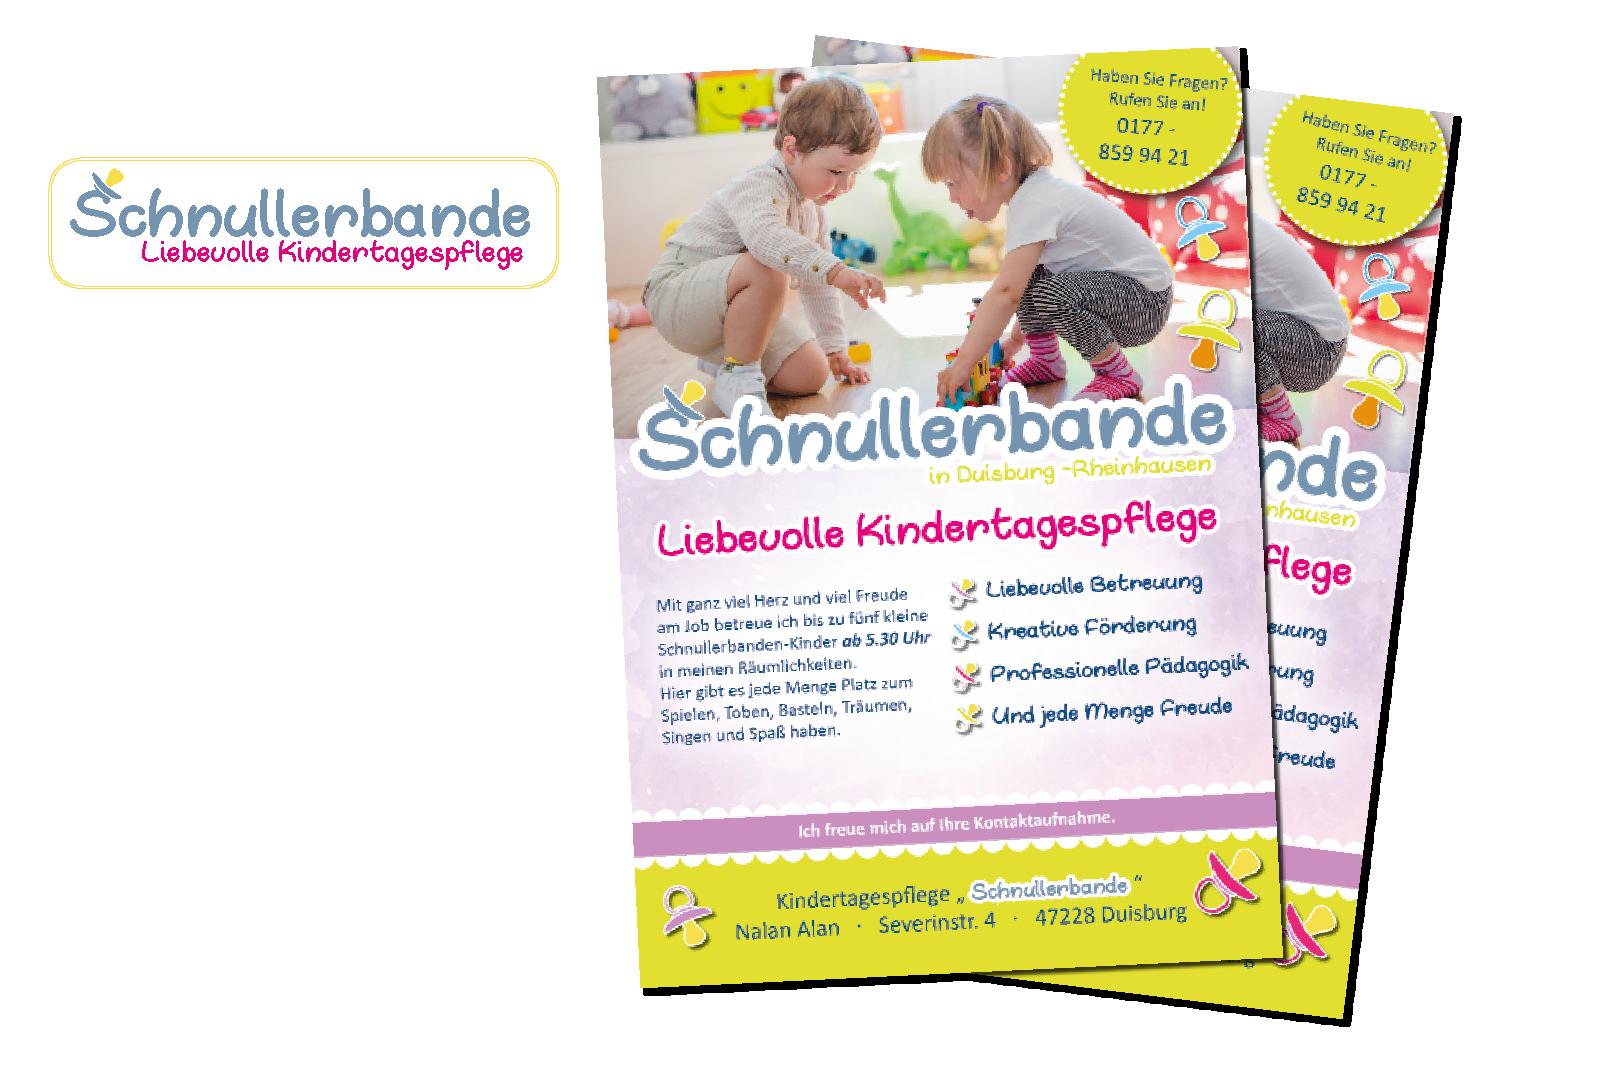 Schnullerbande Kindertagespflege Logo und Flyer